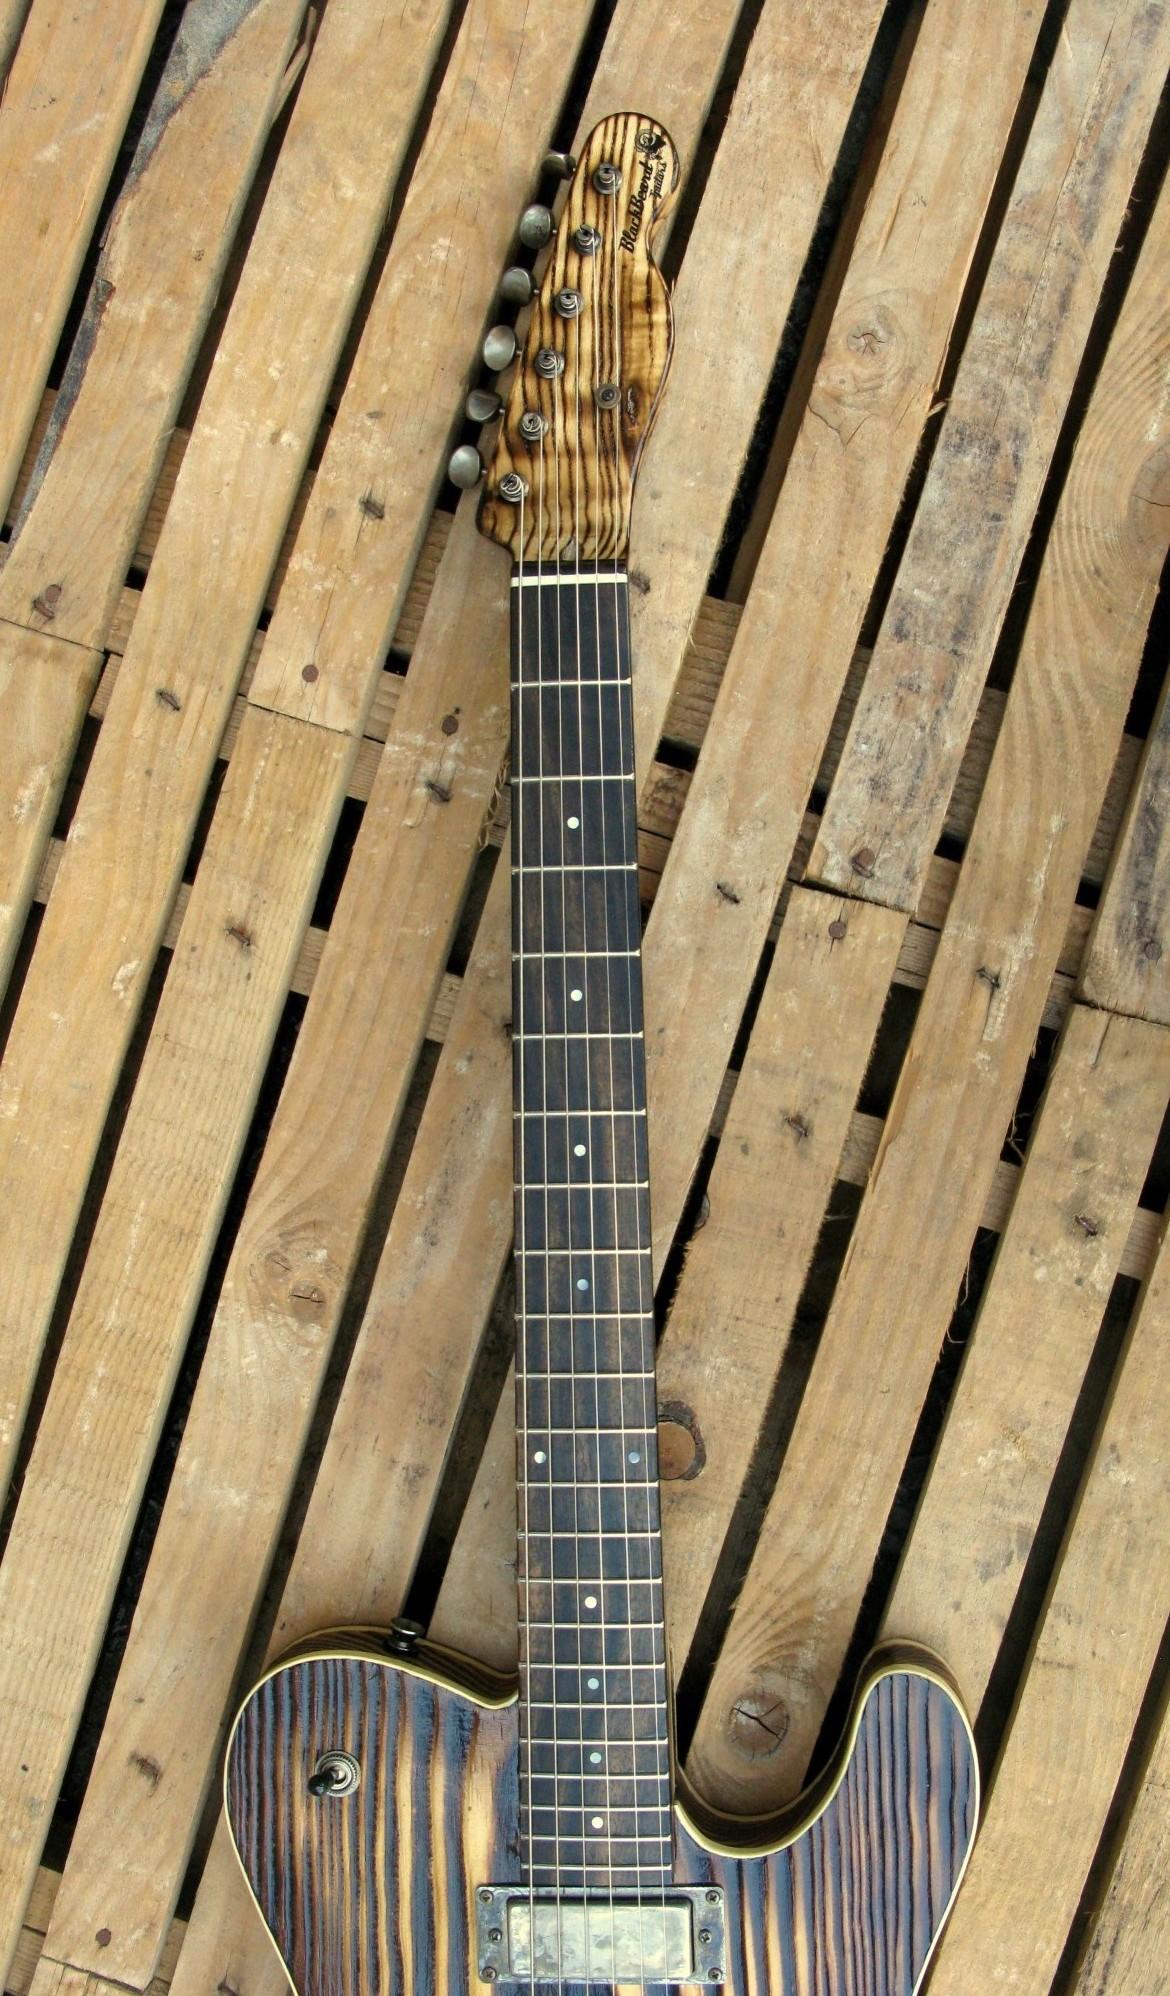 Tastiera in ebano di una Telecaster Thinline in yellow pine